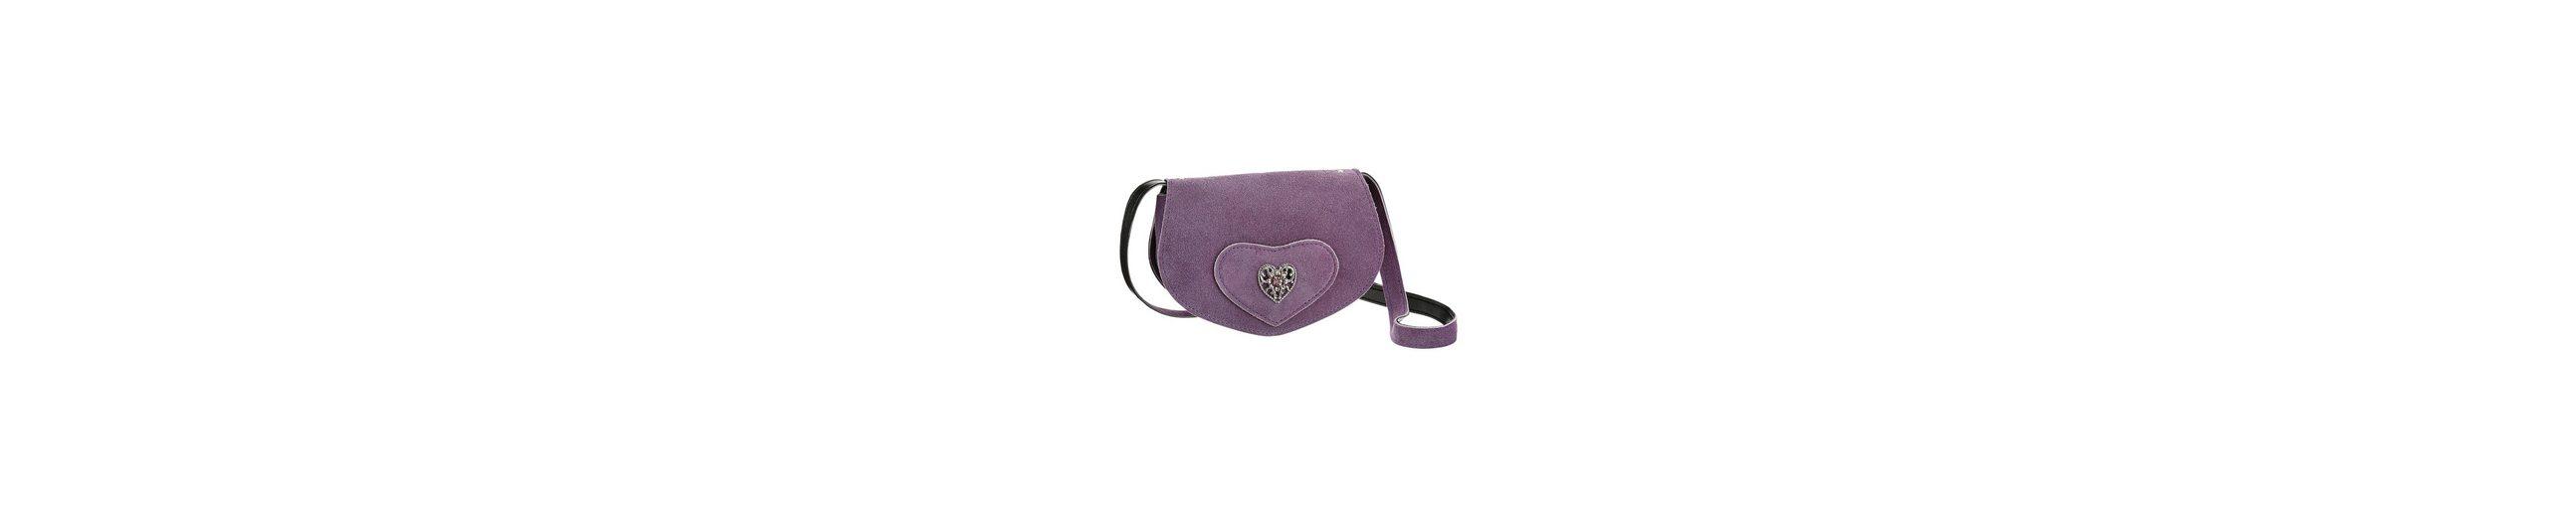 Spielraum Mode-Stil KABE Leder-Accessoires Trachtentasche mit Herzapplikation Größte Anbieter 100% Original Günstiger Preis Freies Verschiffen Für Nette QibOGL